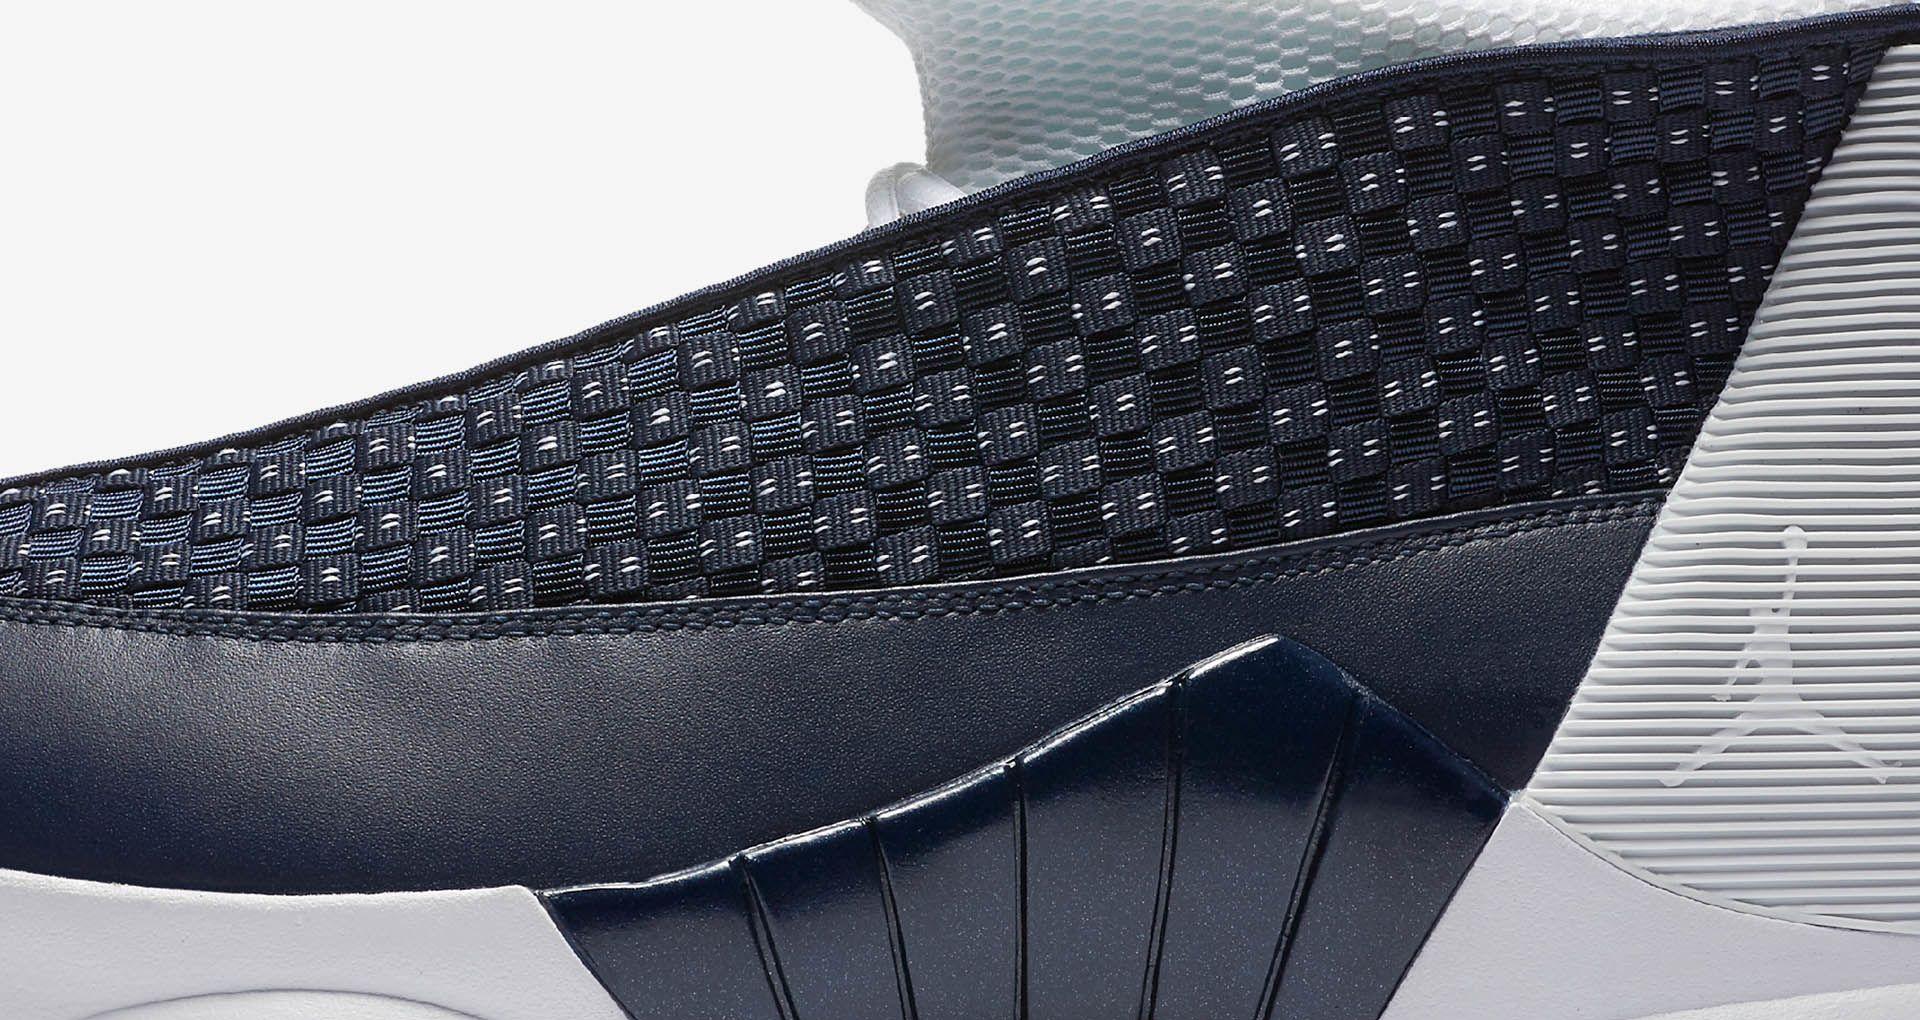 e385cd806c737b Air Jordan 15 Retro  Obsidian . Nike+ SNKRS